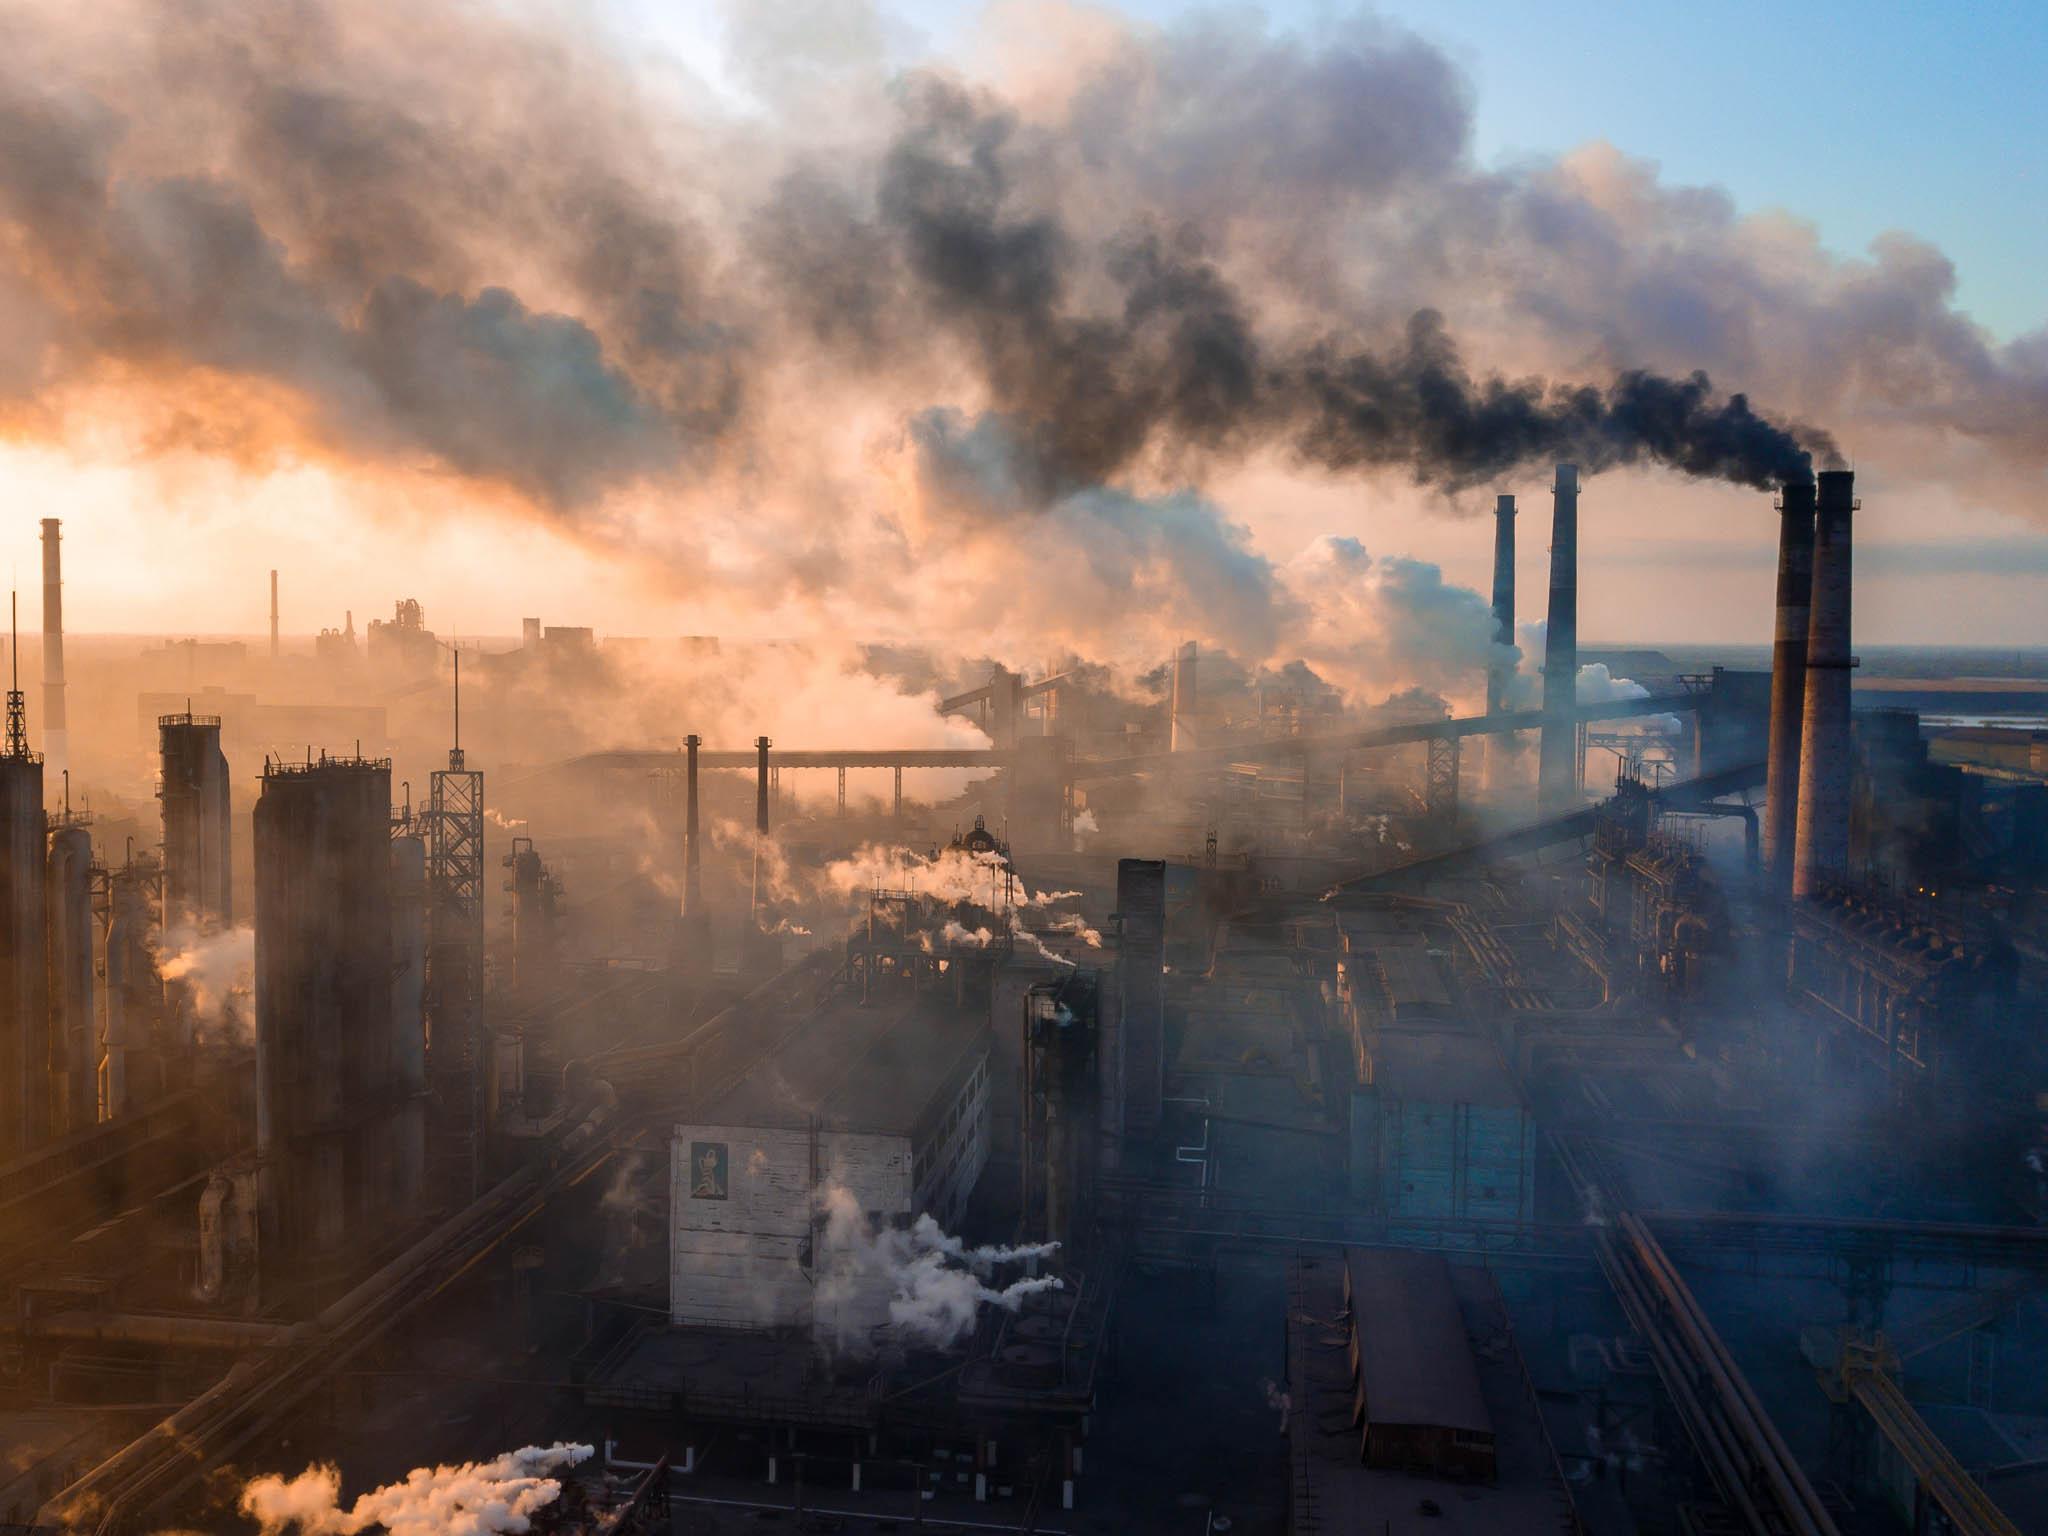 Ve své nové knize Gates varuje před zhoršováním životního prostředí a navrhuje, jak klimatické krizi předejít.